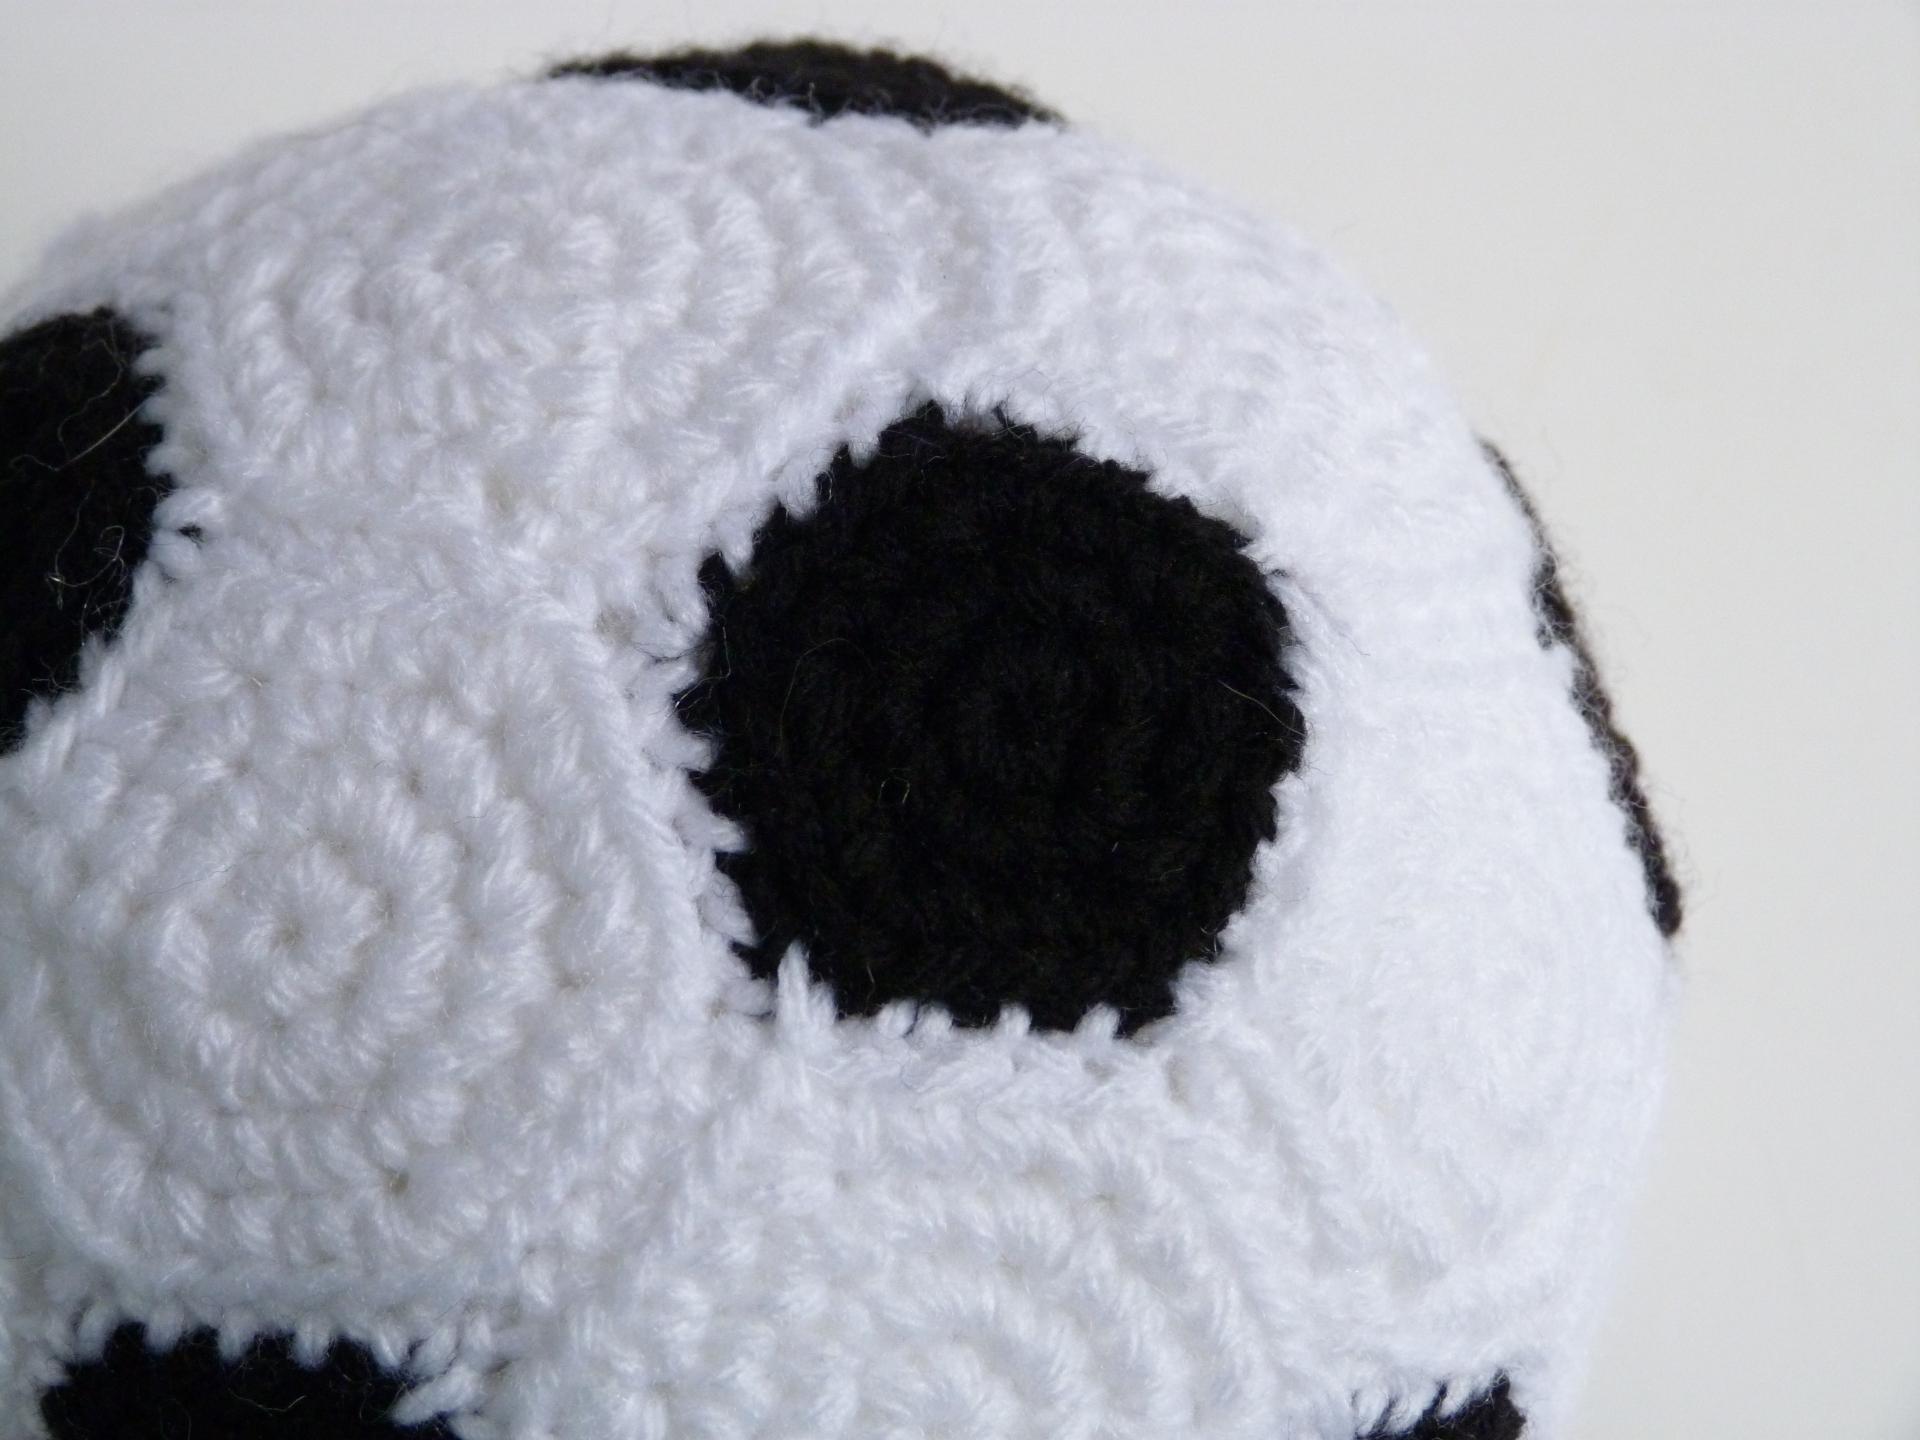 4. Soccer Ball Plushie closeup